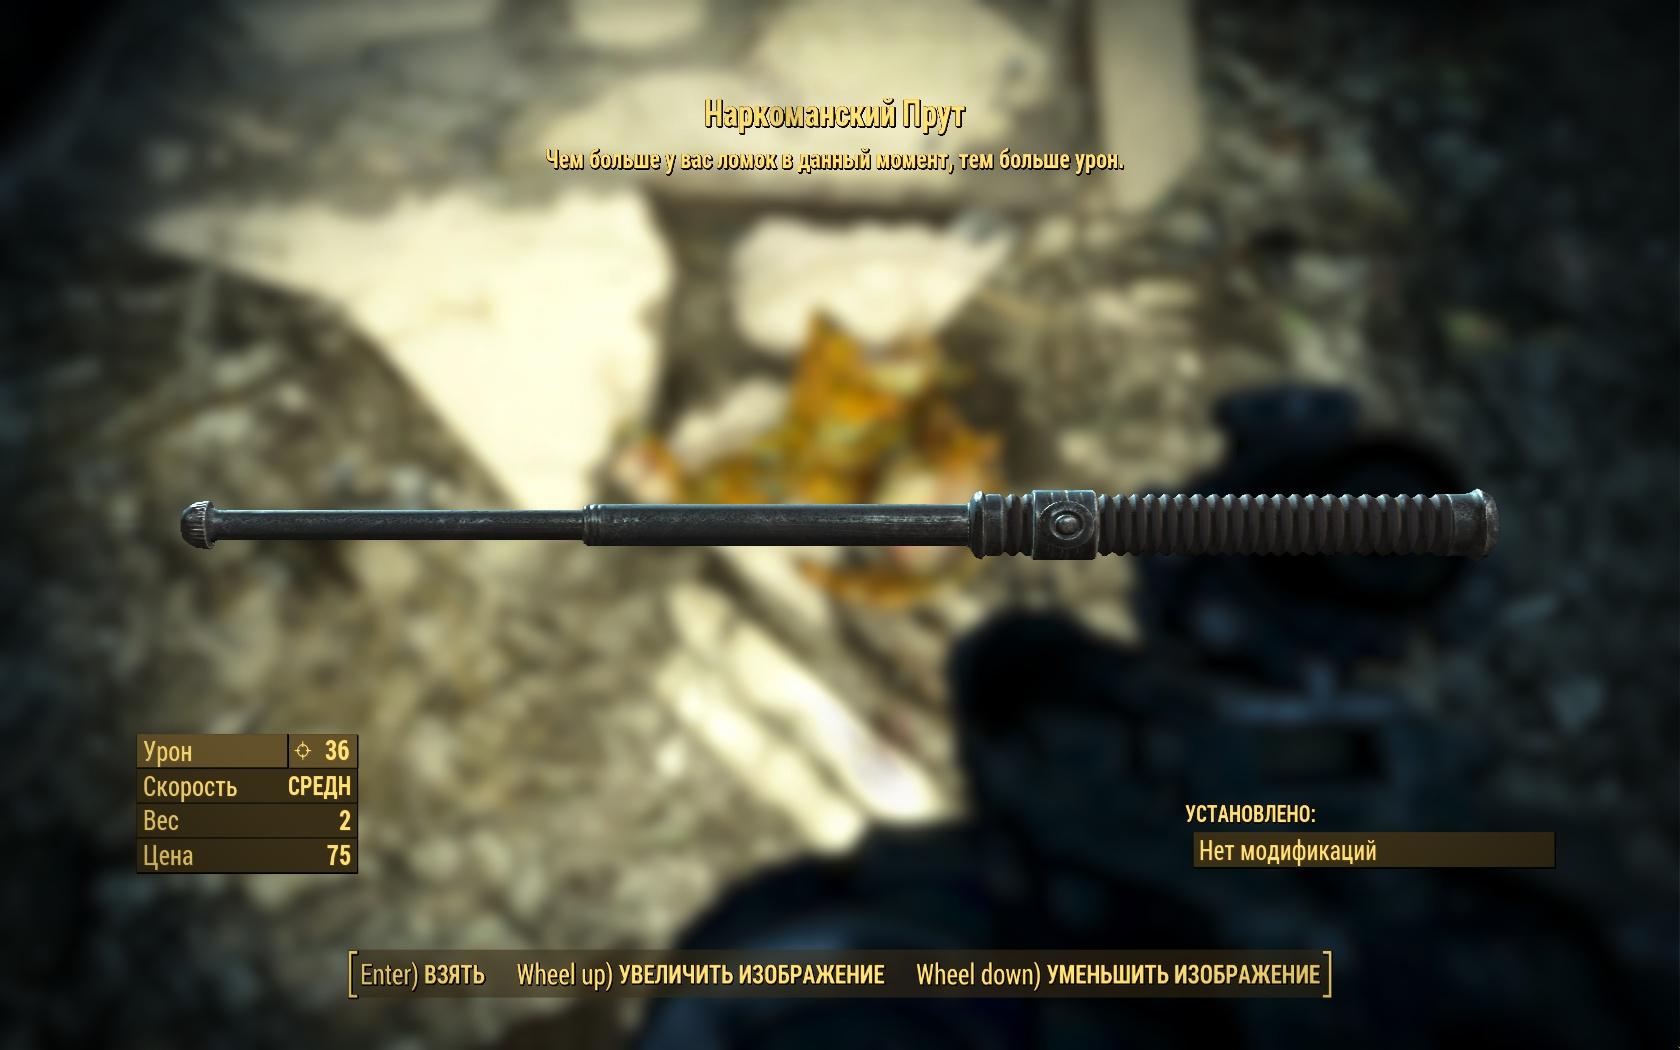 Наркоманский прут - Fallout 4 Наркоманский, Оружие, прут